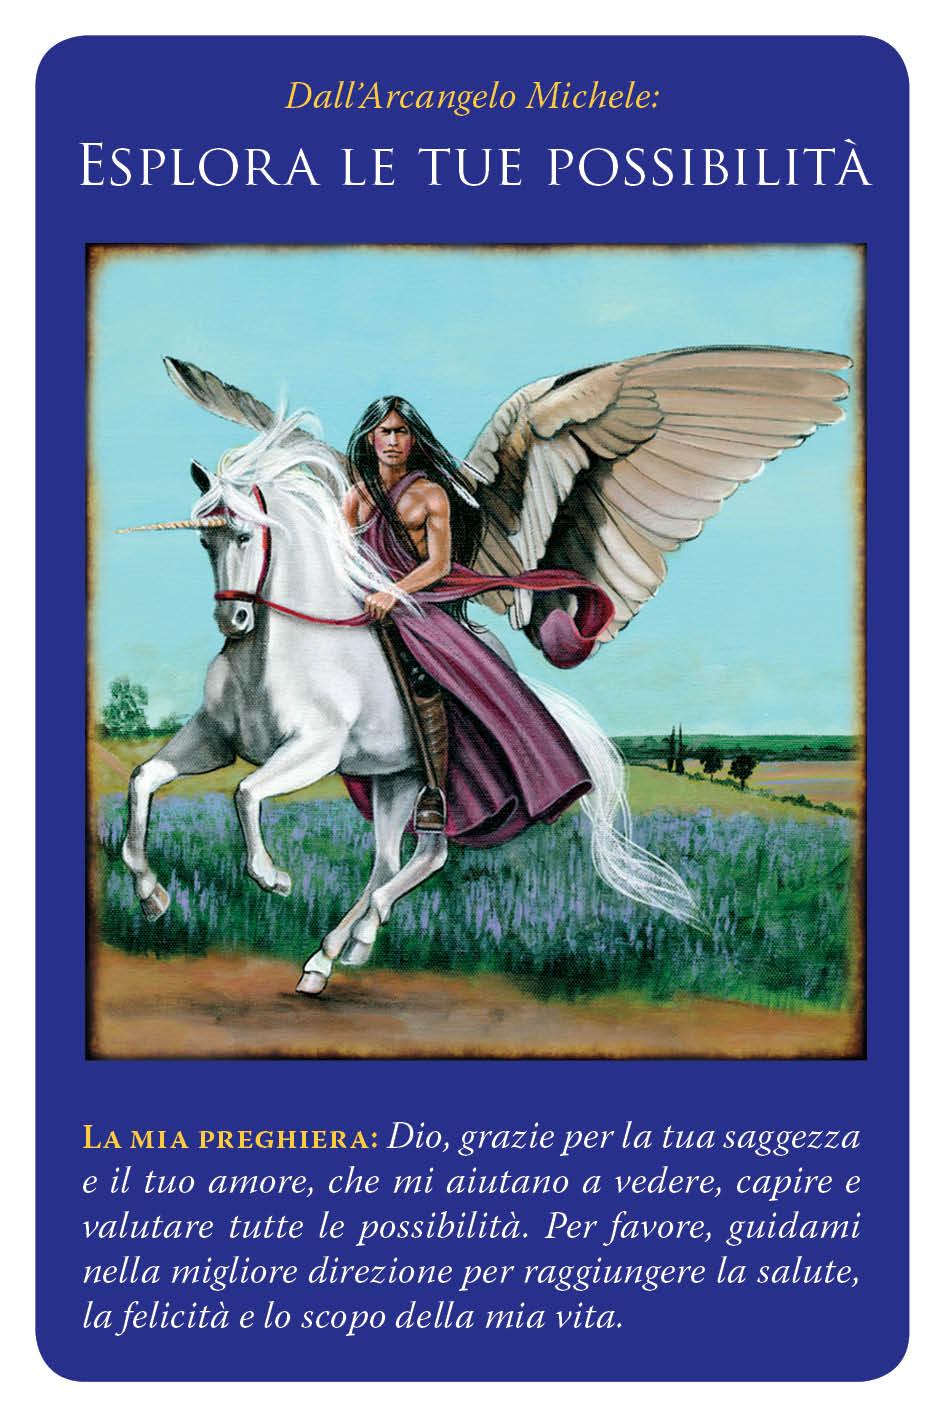 carte arcangelo michele - esplora le tue possibilità